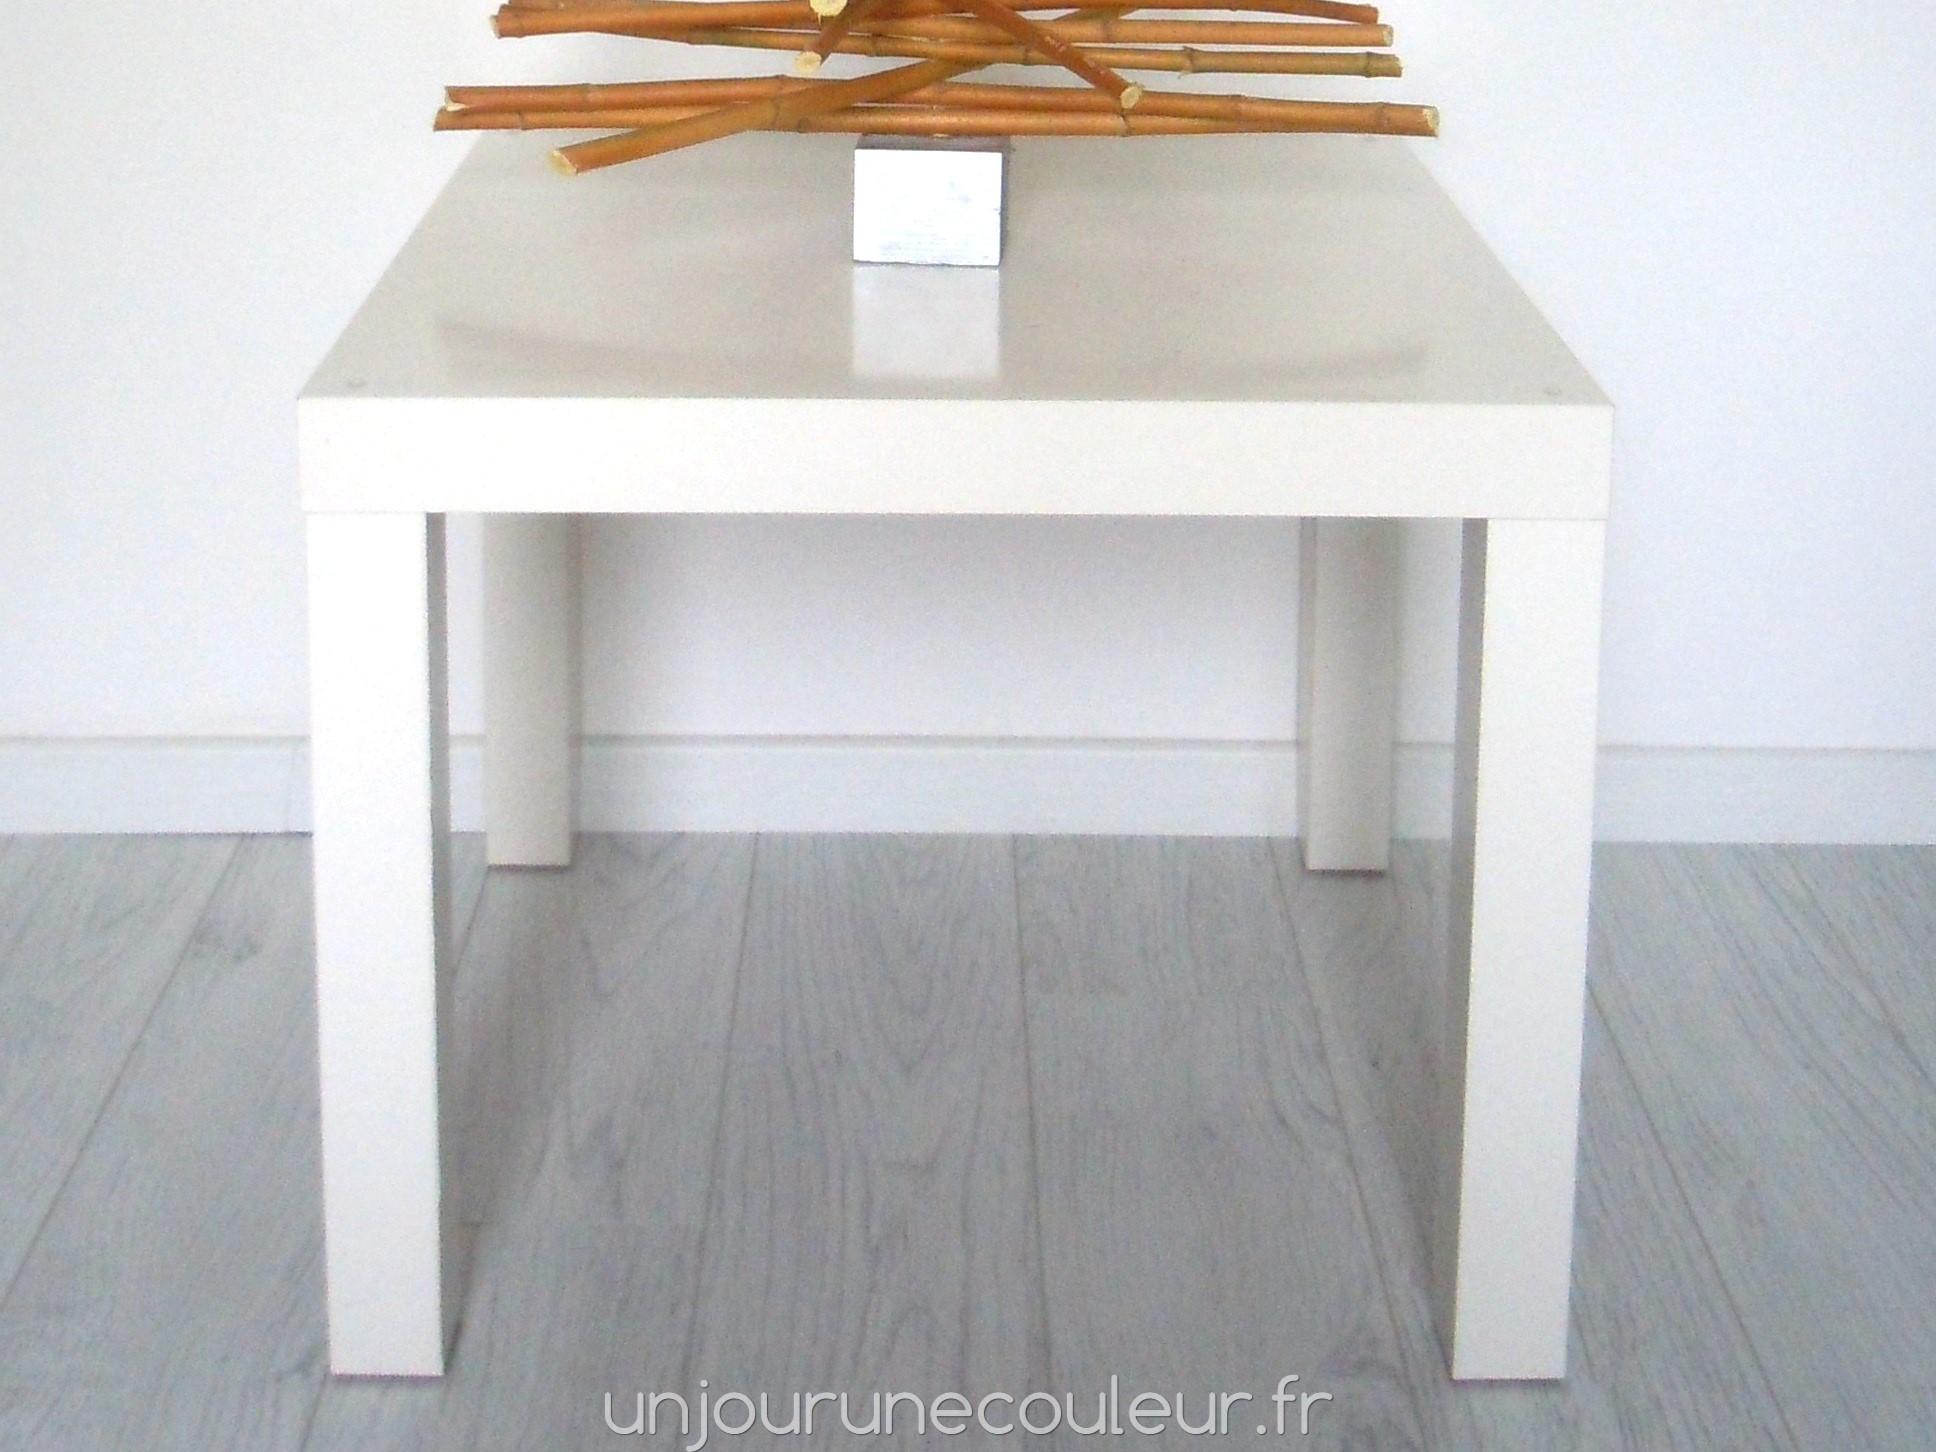 Table Basse Ikea Relookee Un Objet Unique Un Jour Une